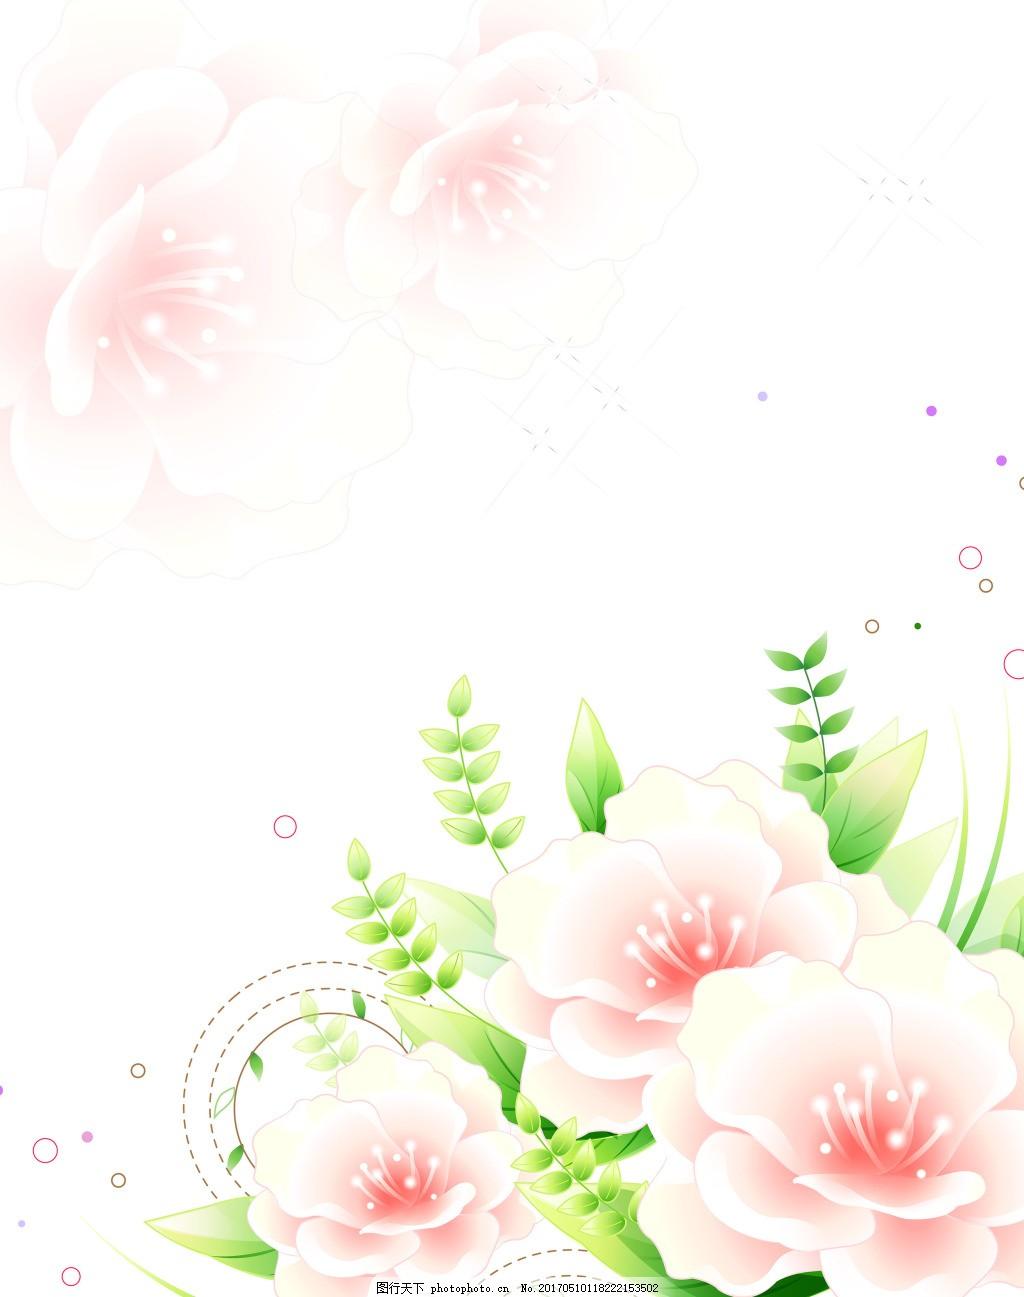 梦幻粉色花朵背景 手绘 水墨 渐变 花蕊 绿叶 唯美